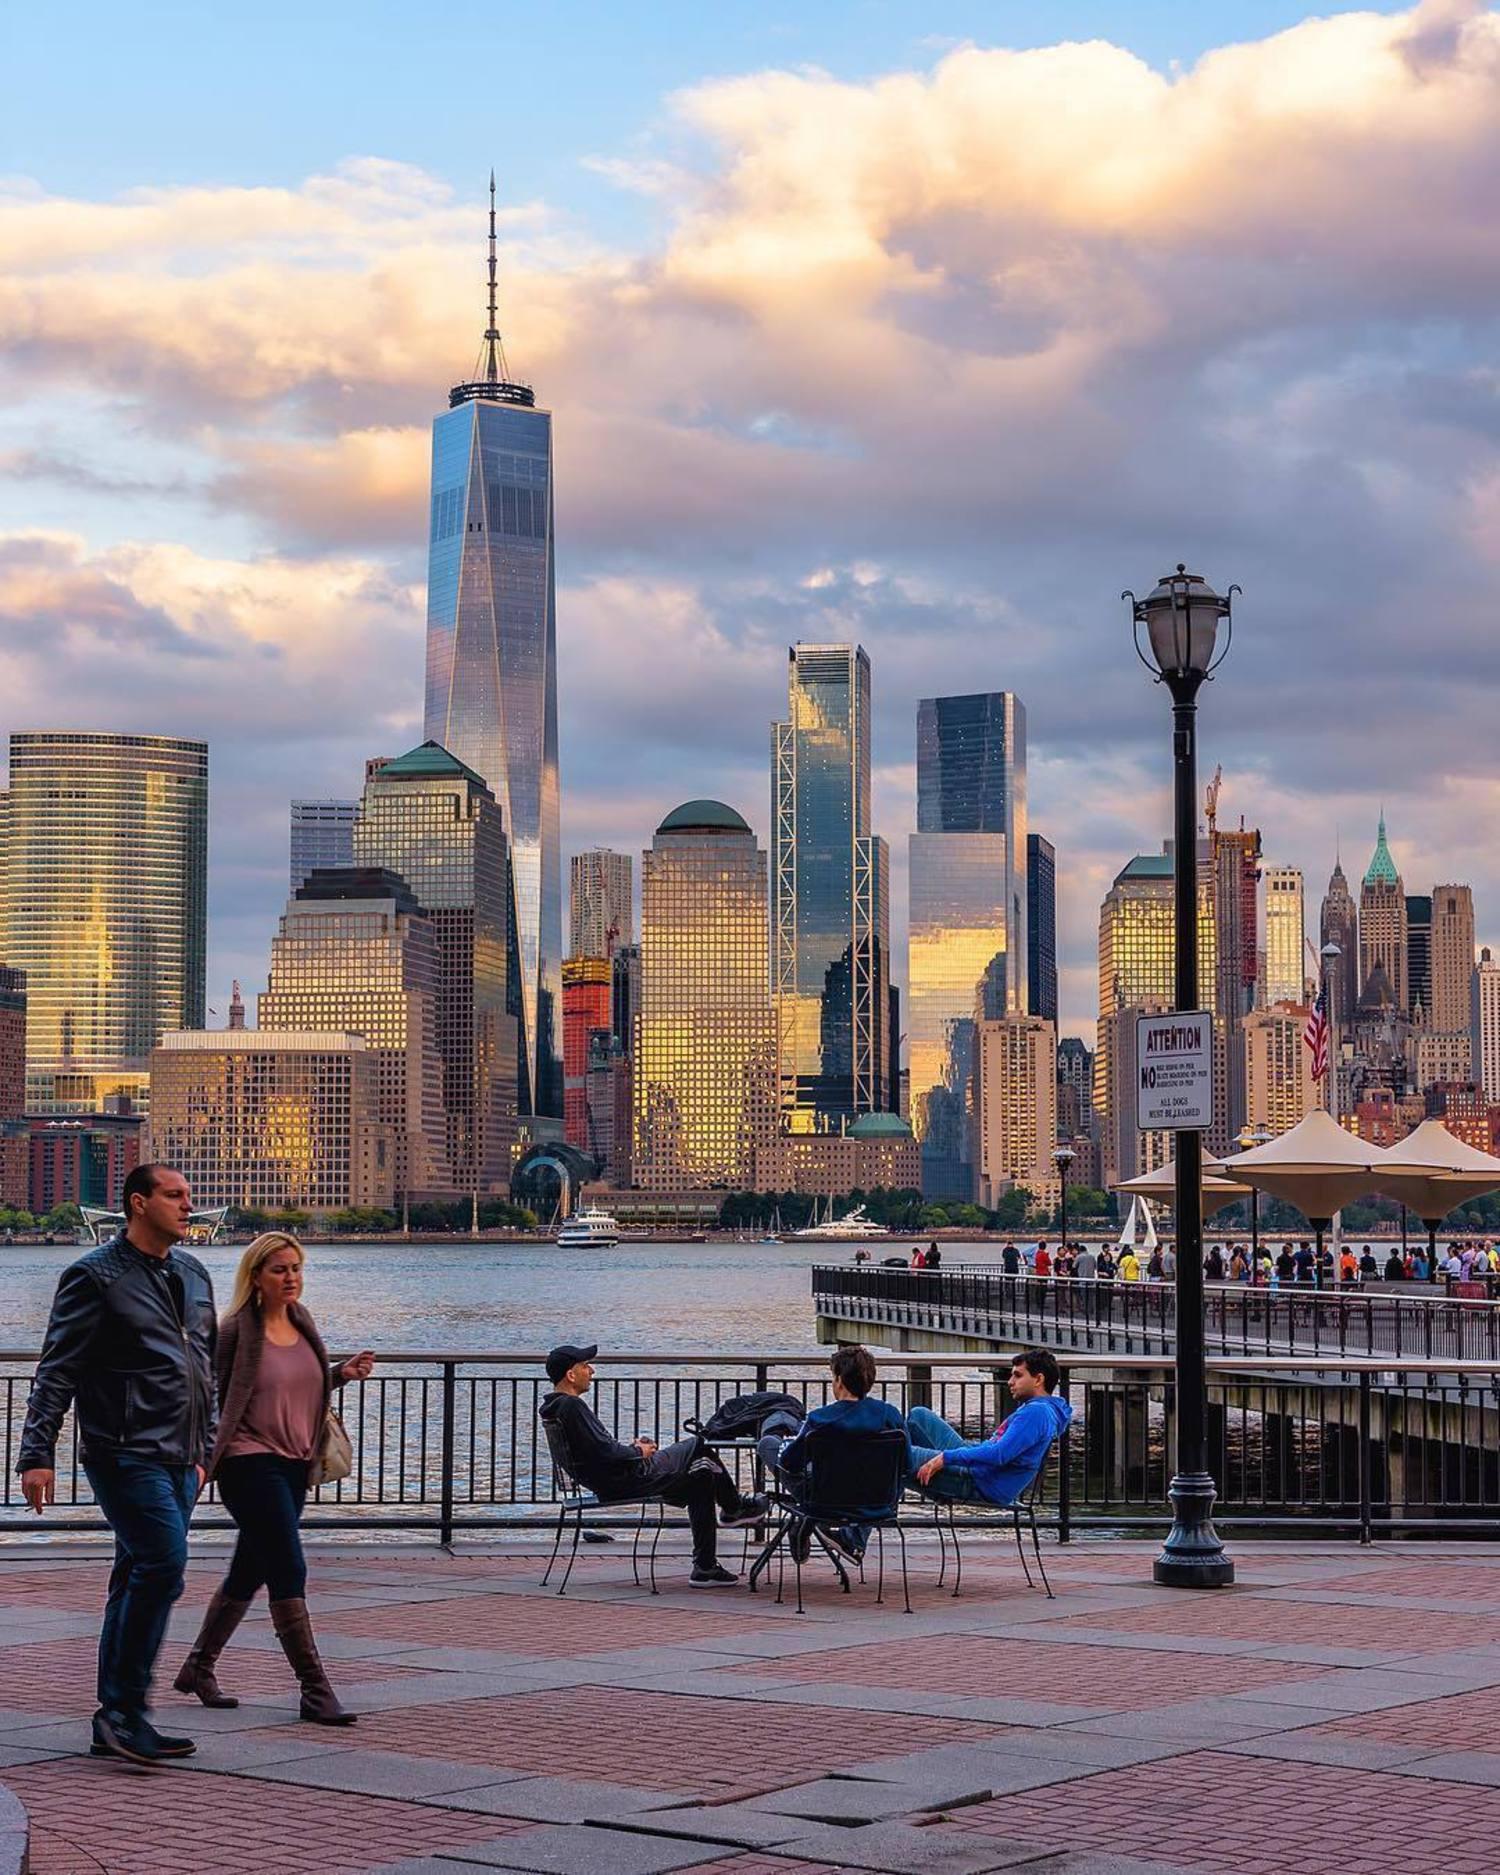 New York, New York. Photo via @papakila #viewingnyc #newyork #newyorkcity #nyc